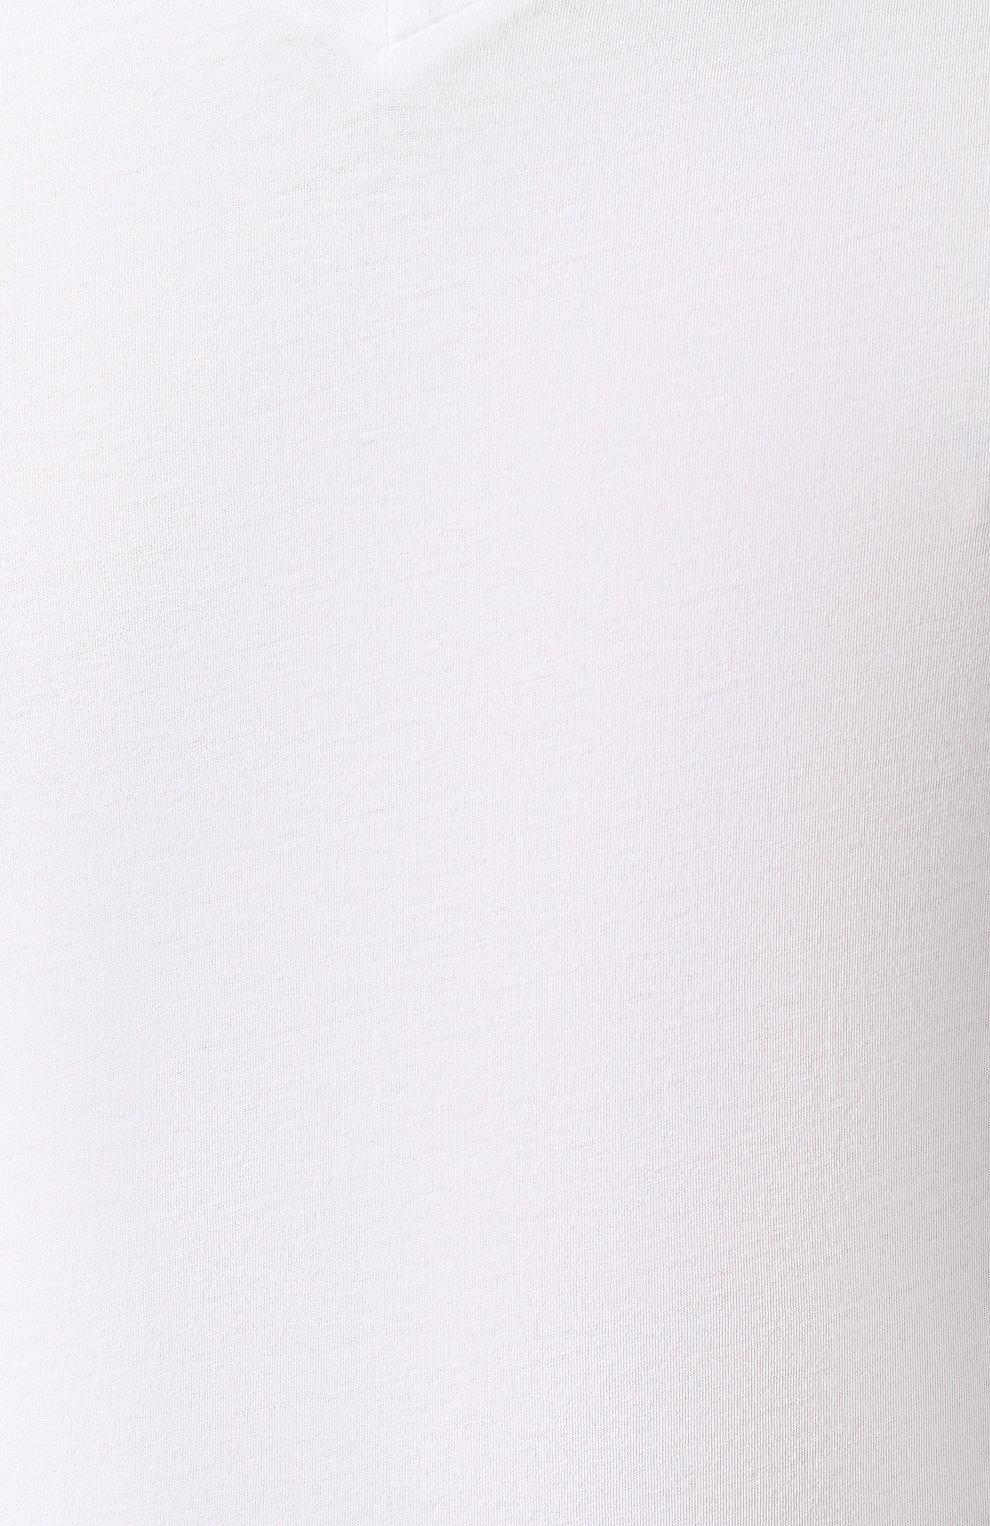 Мужская хлопковая футболка с v-образным вырезом ORLEBAR BROWN белого цвета, арт. 259687 | Фото 5 (Принт: Без принта; Рукава: Короткие; Длина (для топов): Стандартные; Материал внешний: Хлопок; Статус проверки: Проверено, Проверена категория; Стили: Кэжуэл)